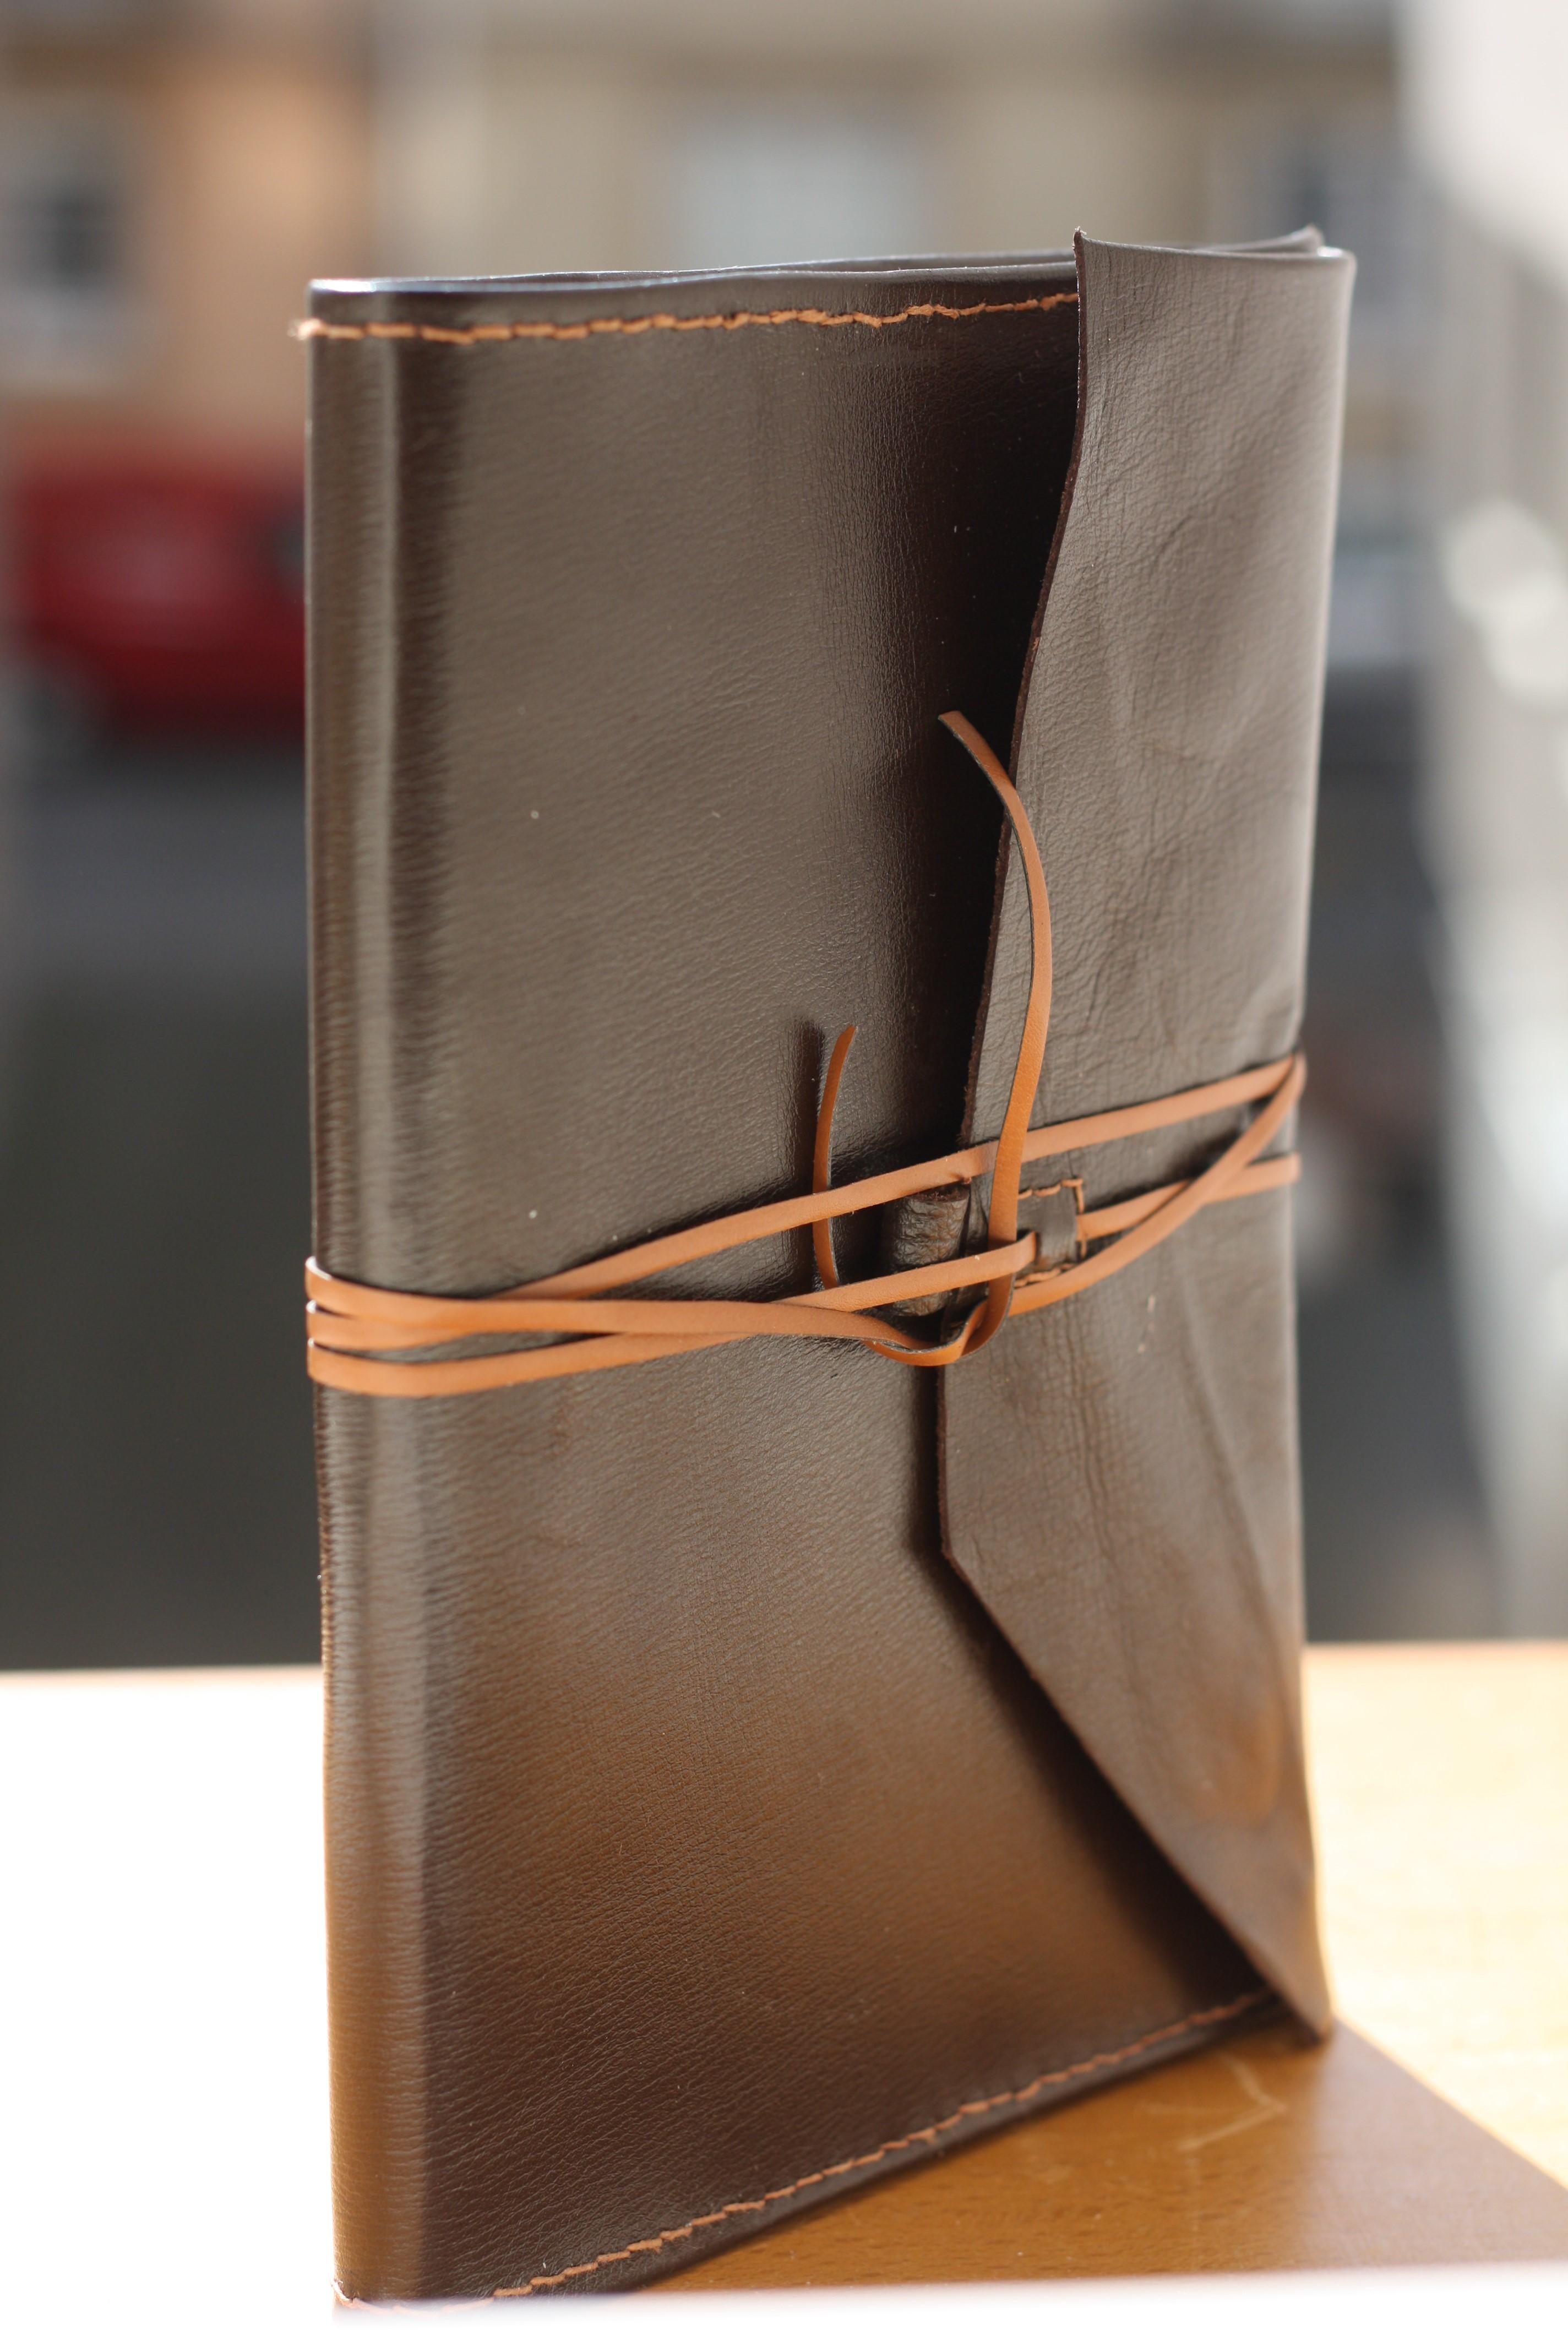 Agenda reliure souple cuir amovible